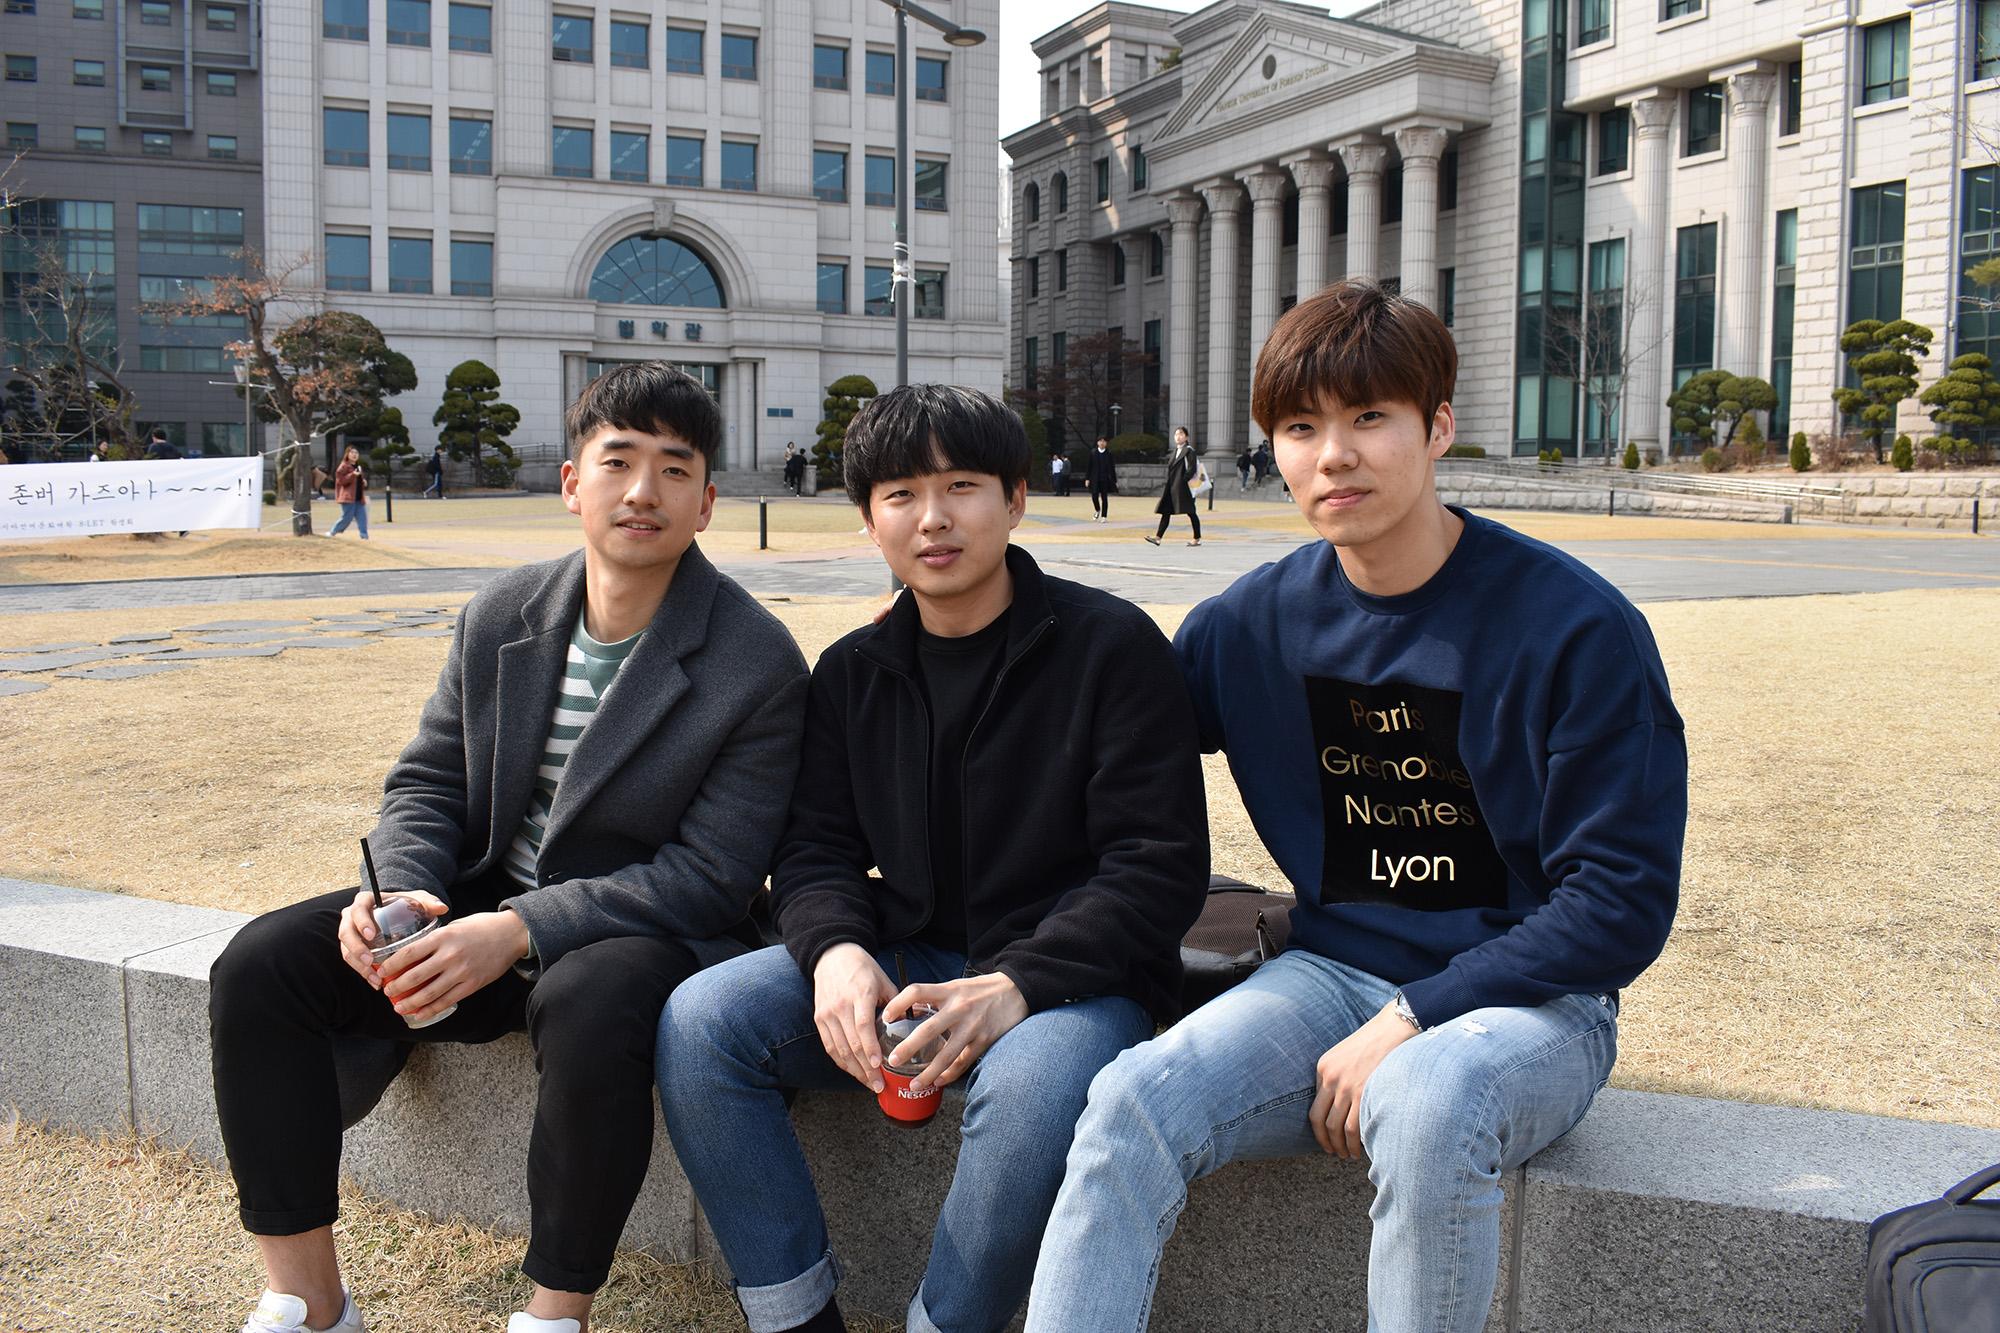 Bất chấp bao năm rèn luyện đèn sách, tại sao tốt nghiệp đại học, người trẻ Hàn Quốc lại đi làm... công nhân vệ sinh? - Ảnh 4.